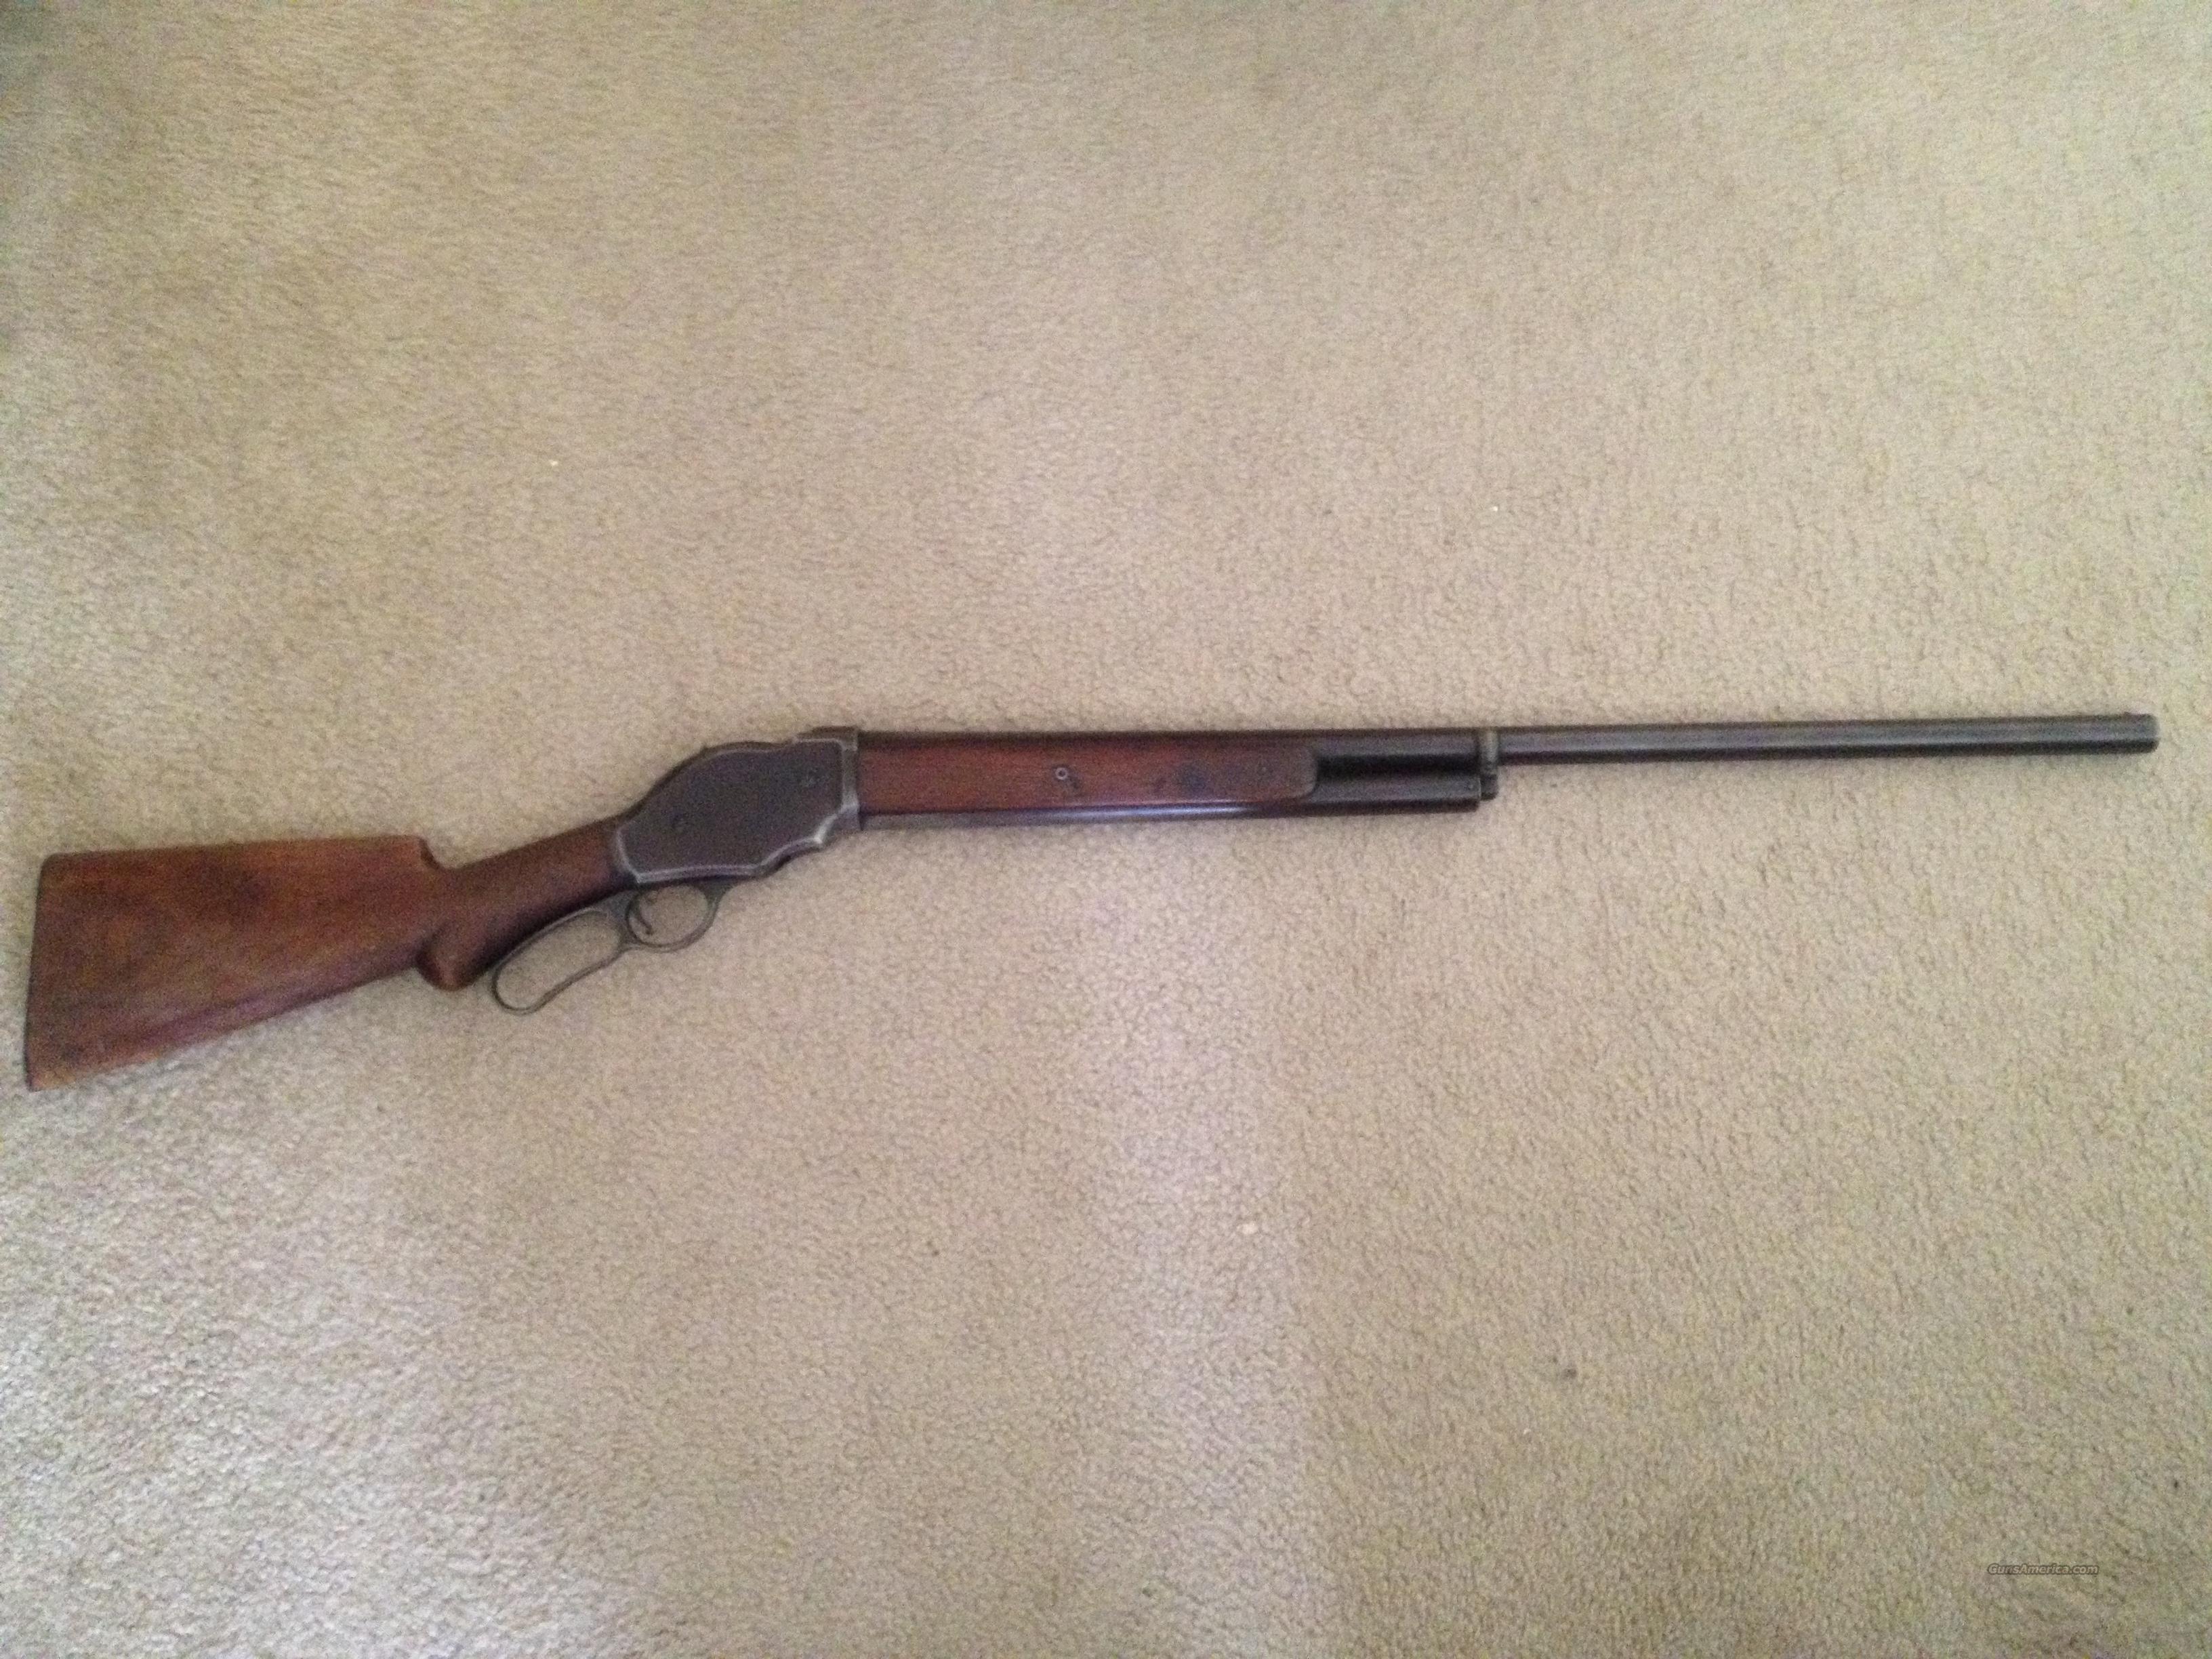 Winchester 1887 12g Vary Rare  Guns > Shotguns > Winchester Shotguns - Pre-1899